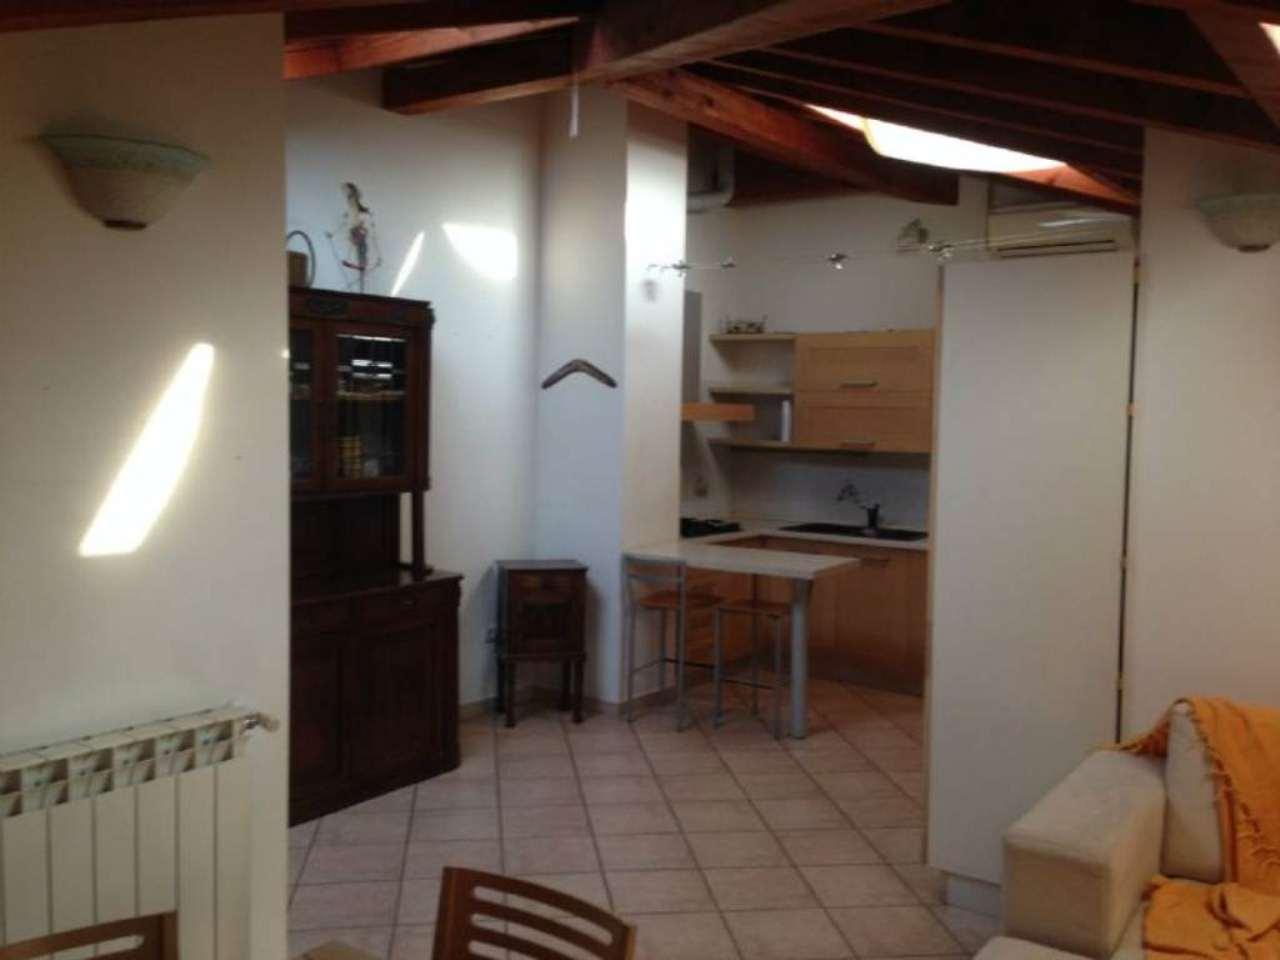 Appartamento in vendita a Solbiate Arno, 3 locali, prezzo € 95.000 | Cambio Casa.it